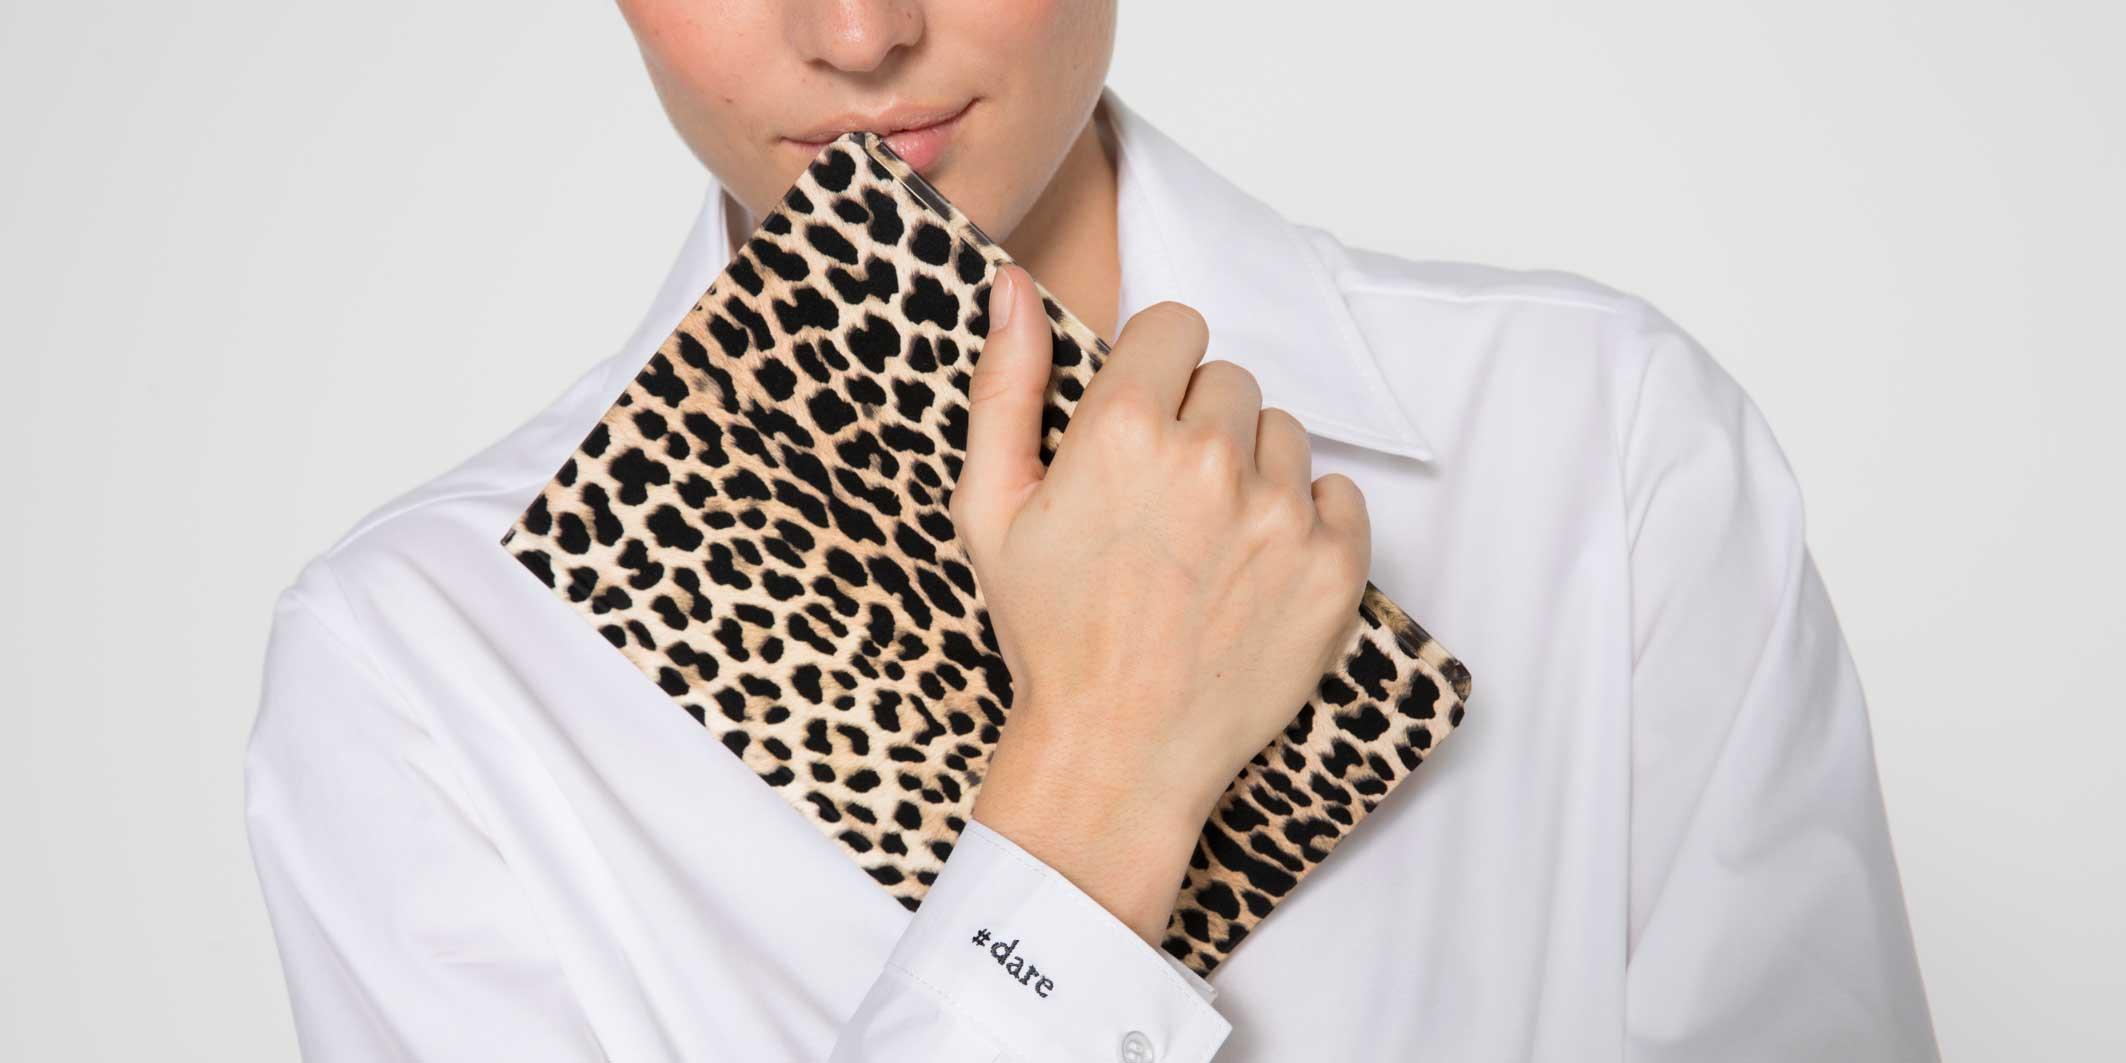 La Redoute : des chemises blanches personnalisées